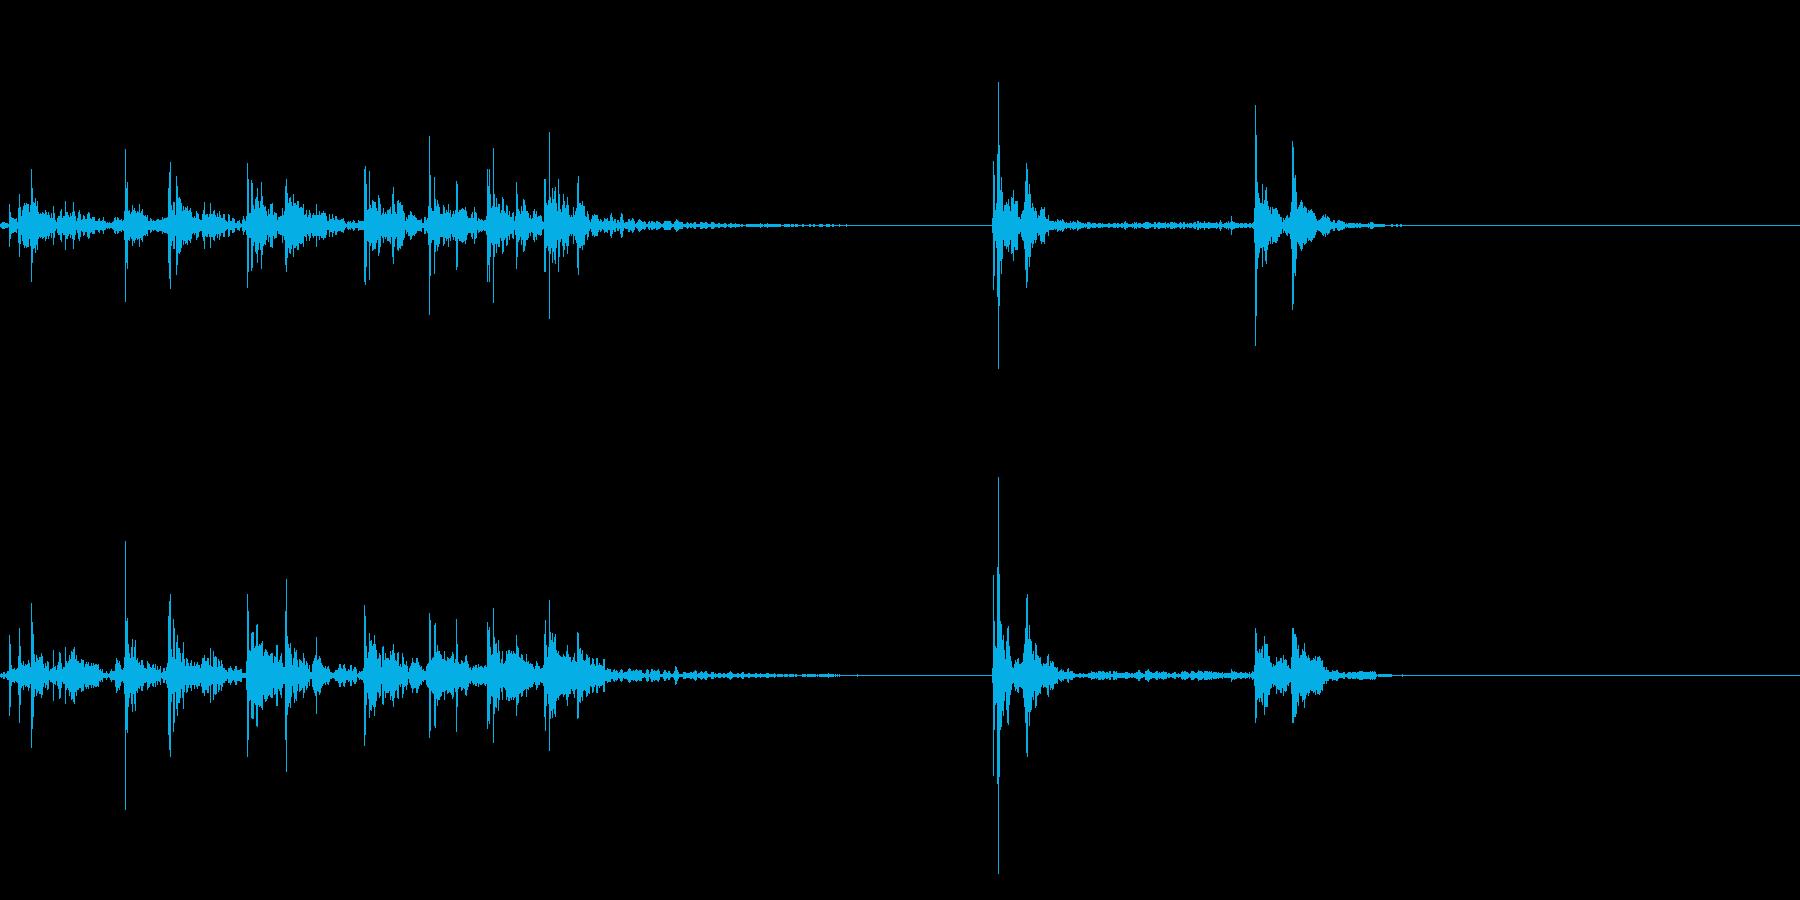 キーボードをタイピングするリアル効果音5の再生済みの波形